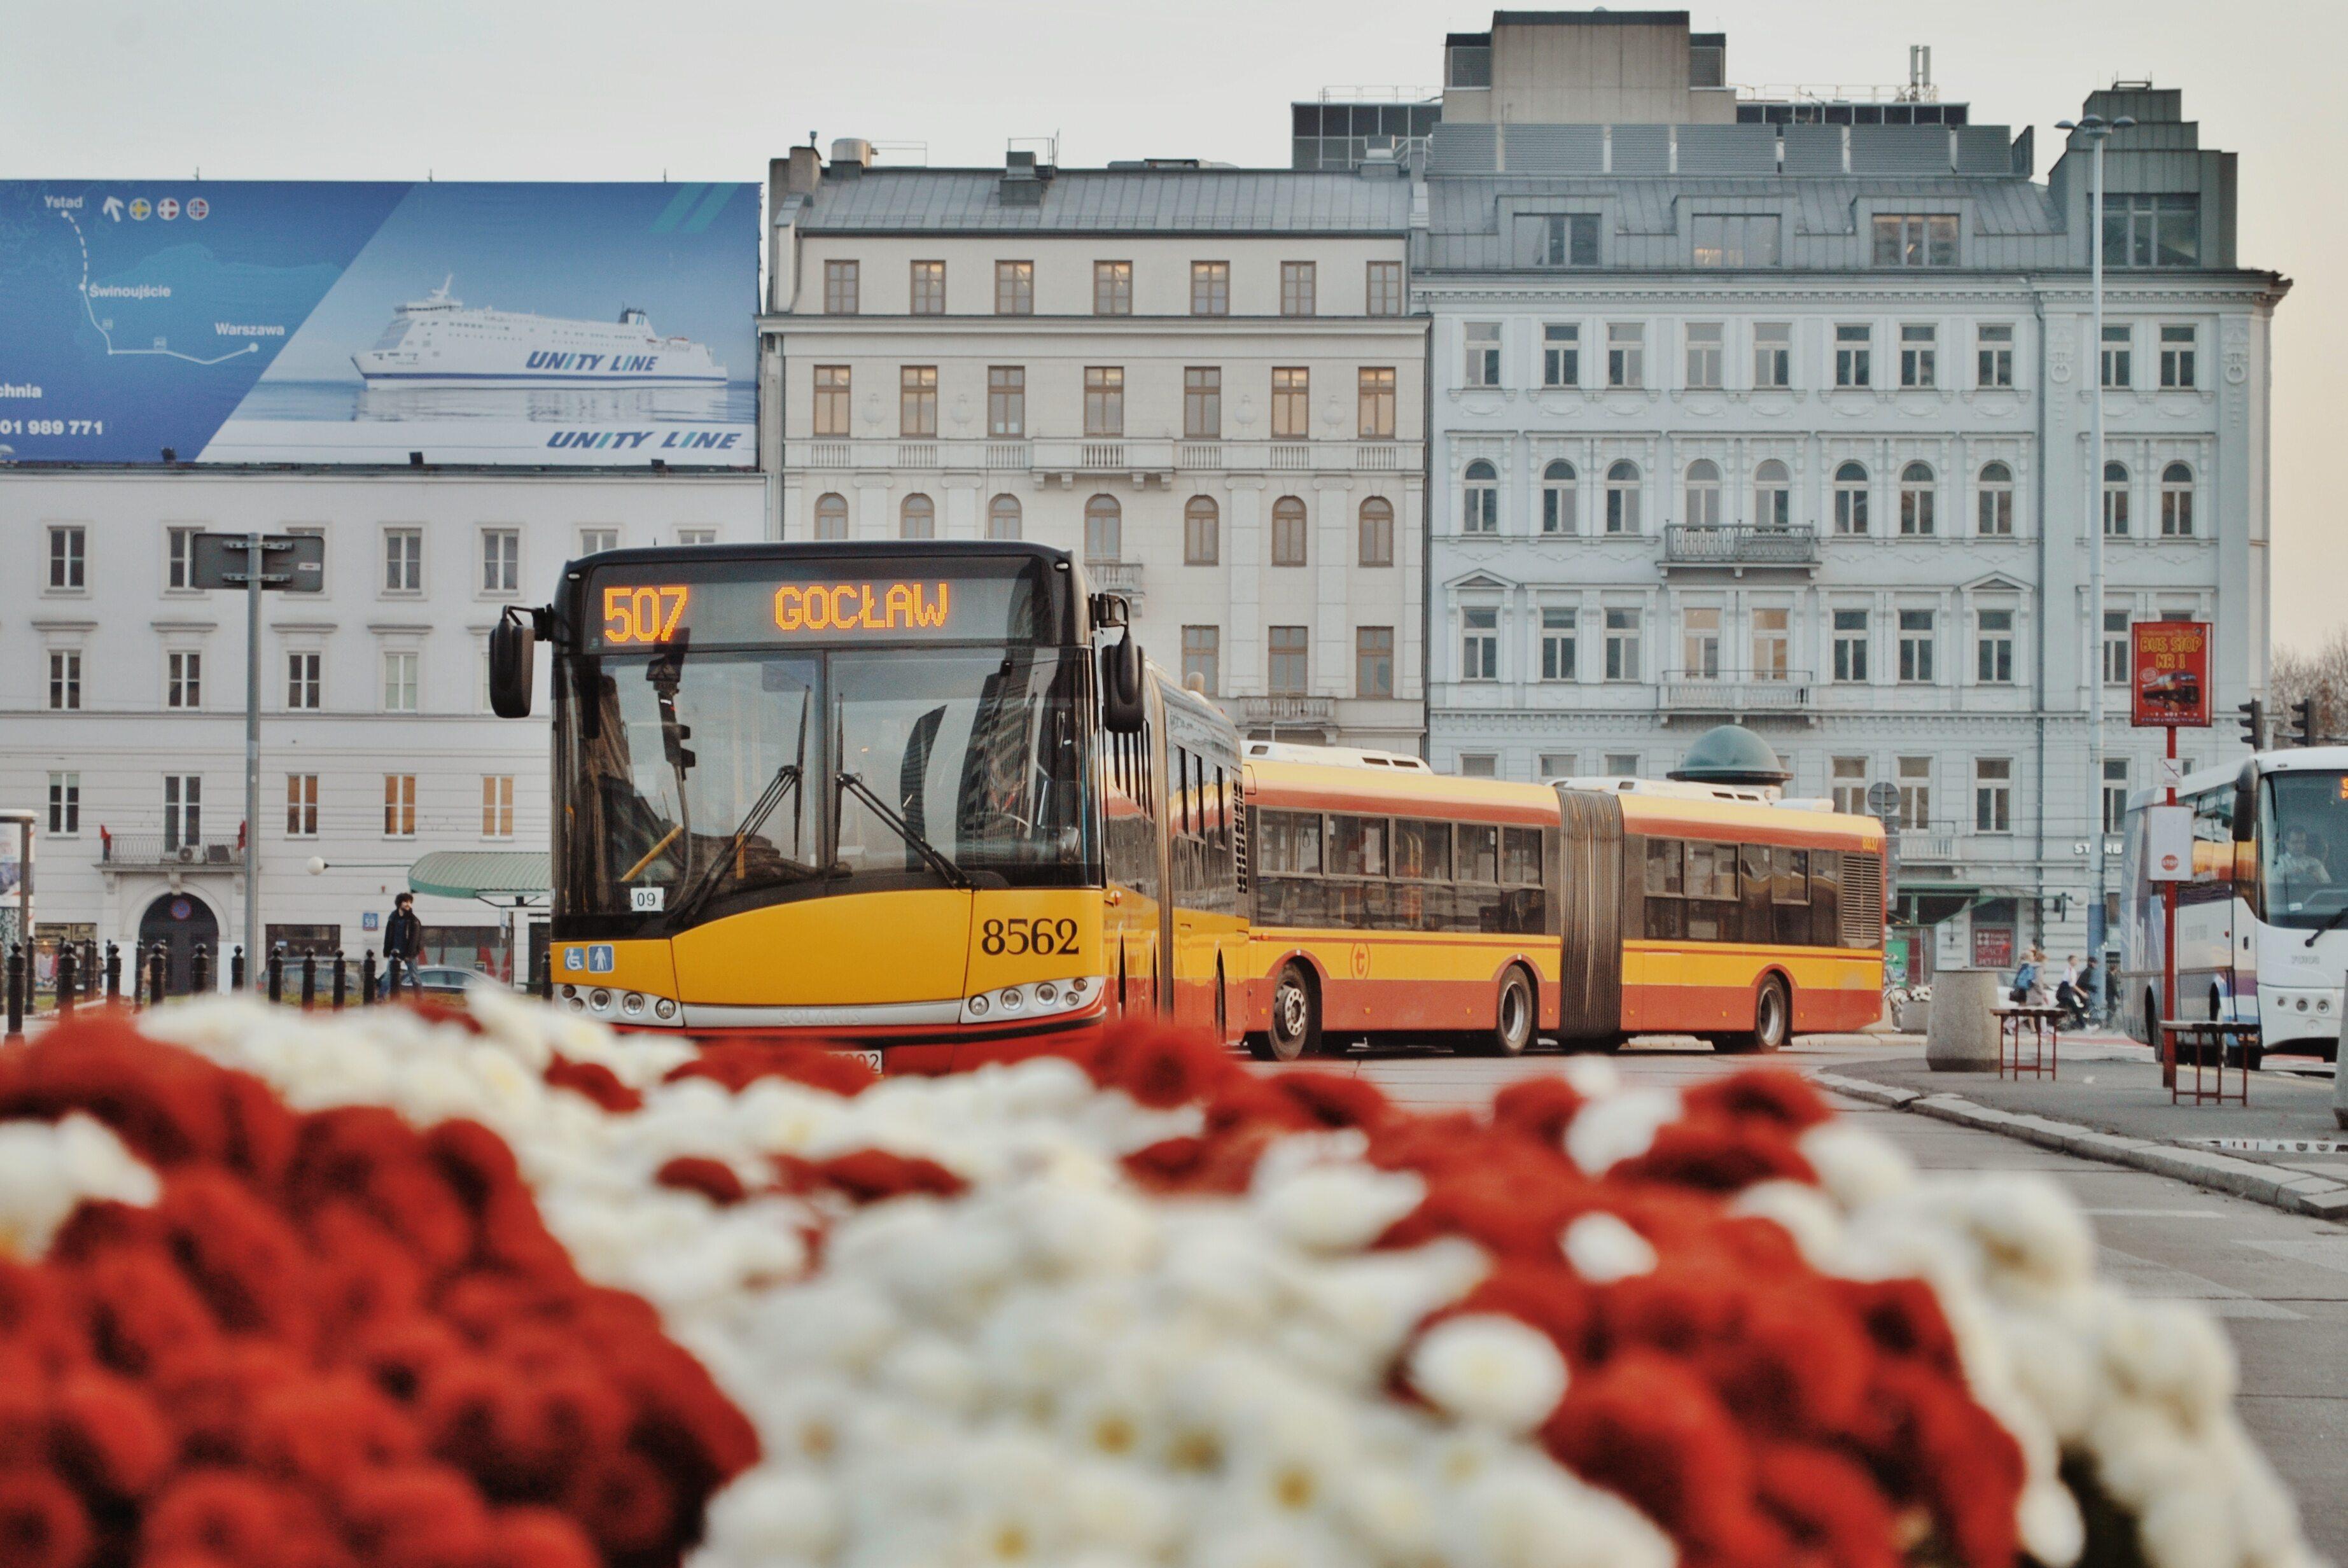 Warszawa, Solaris, zdjęcie ilustracyjne